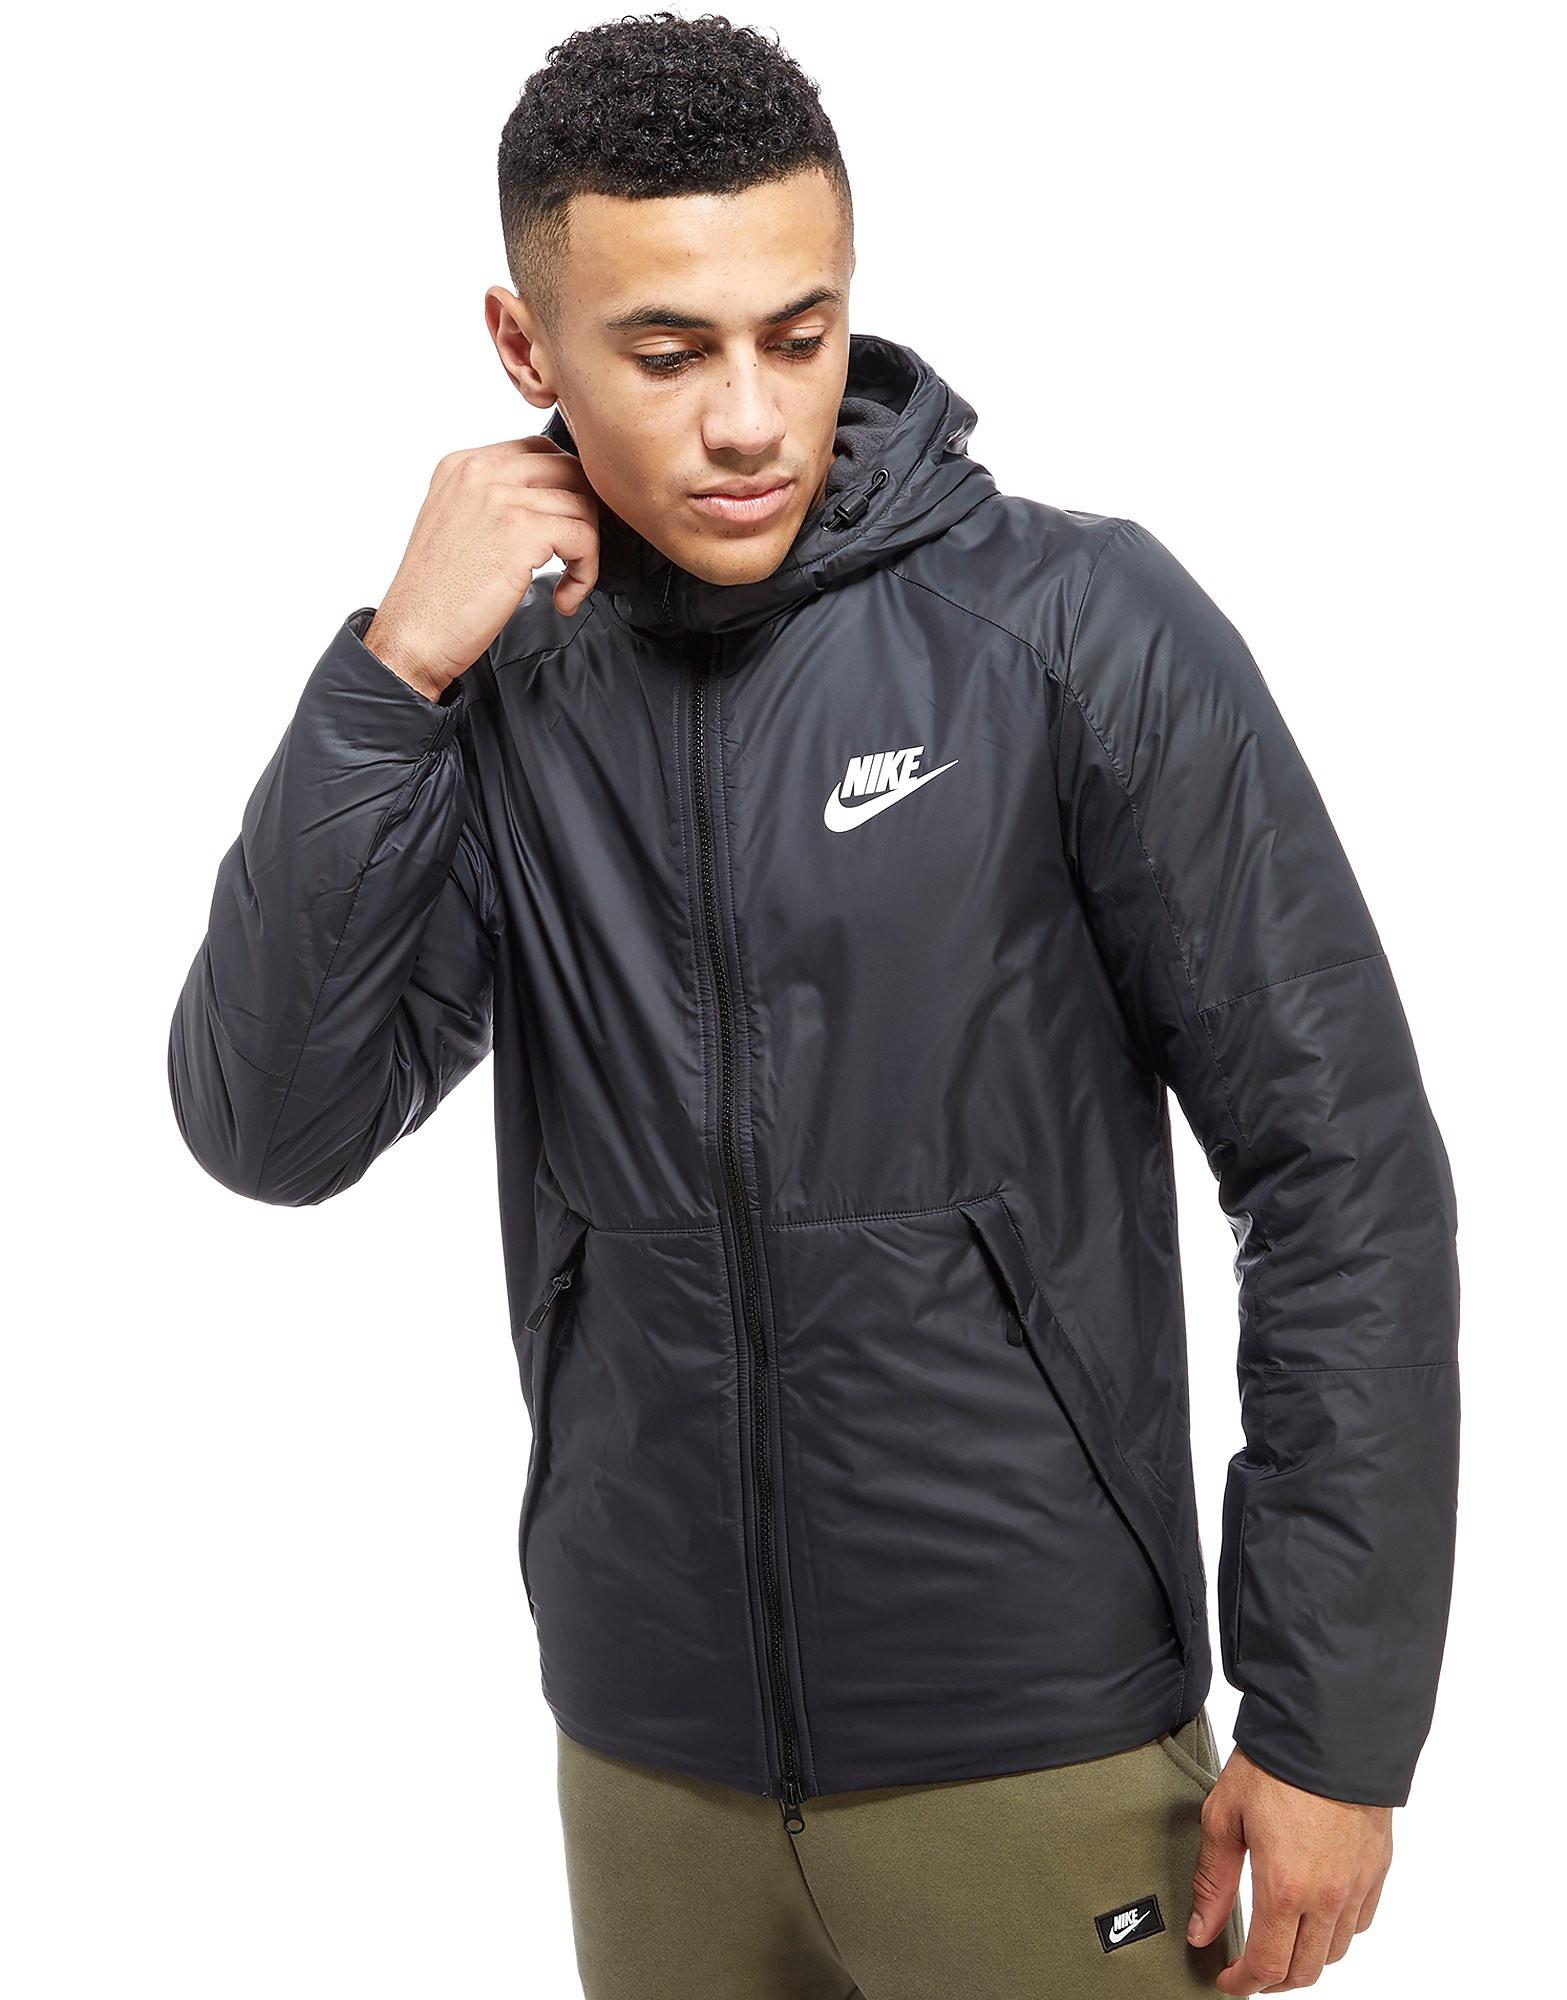 Nike Expel Jacket